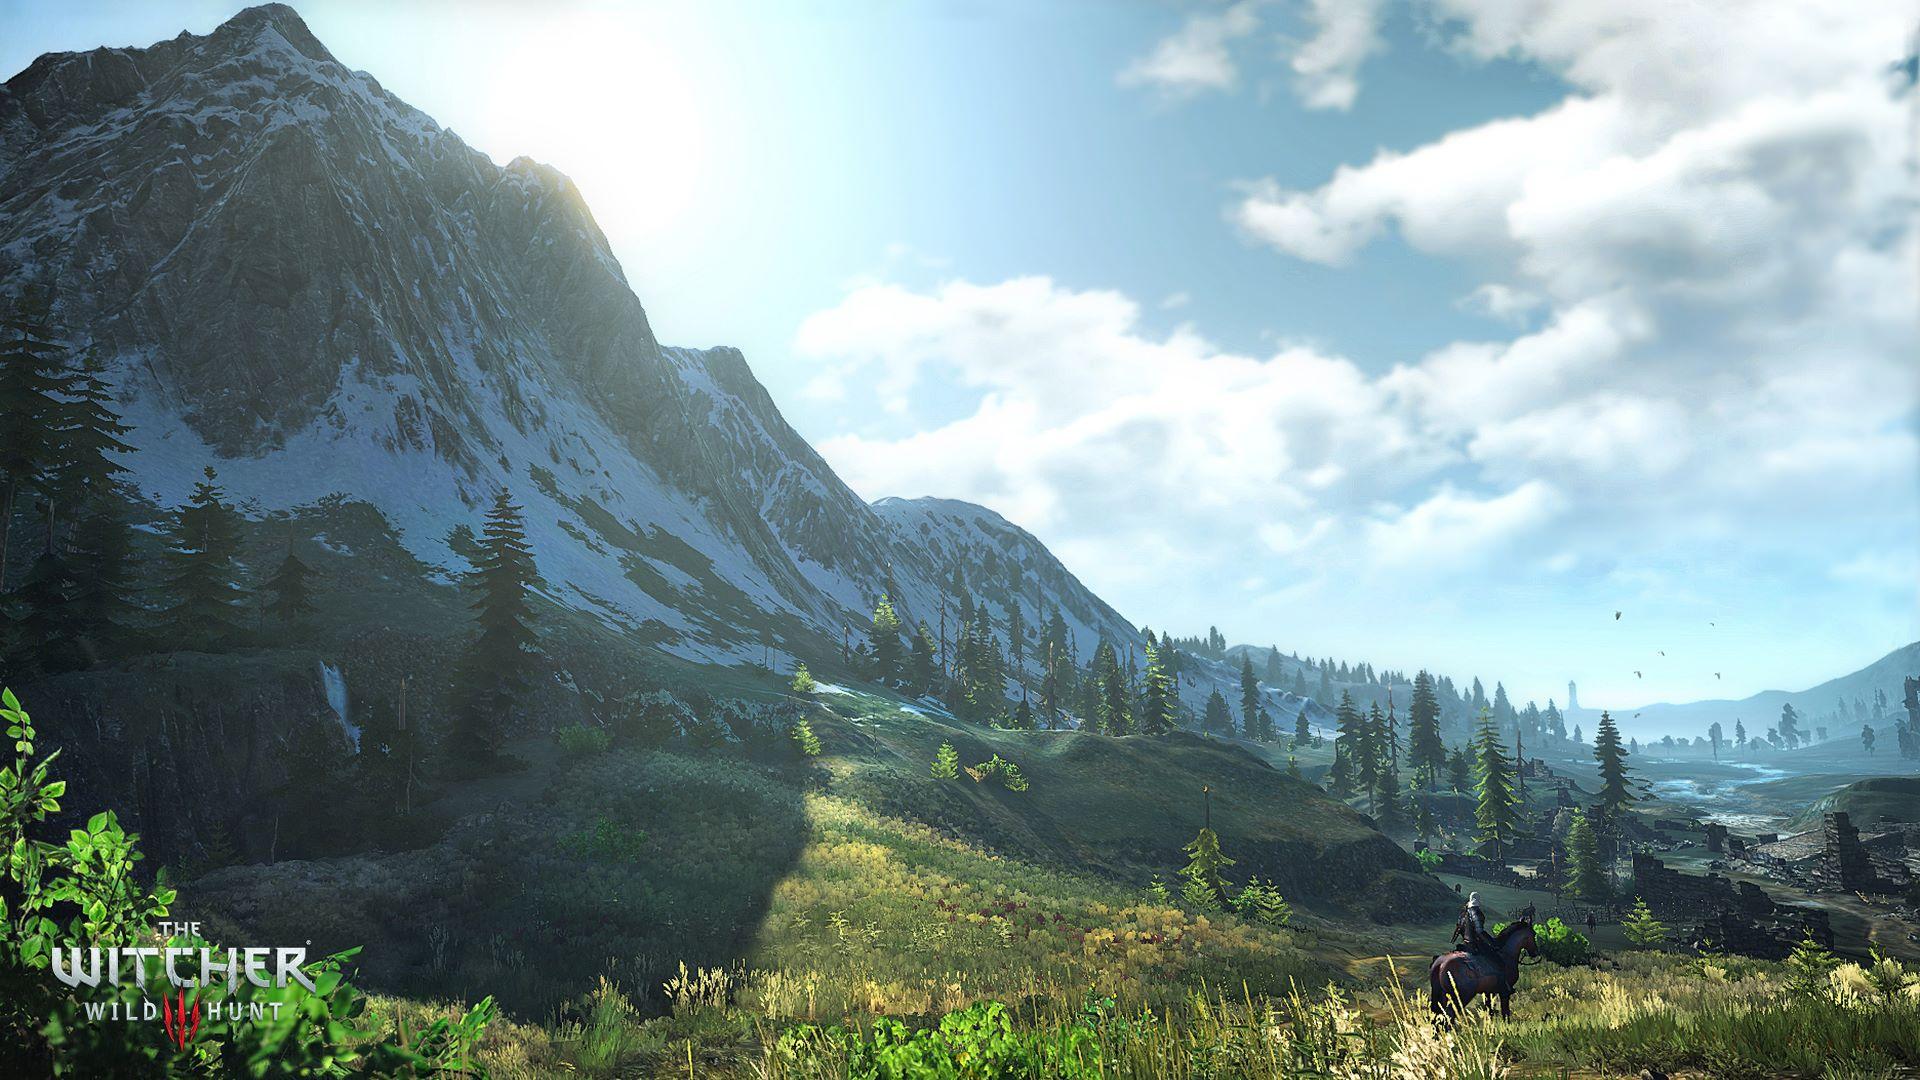 The Witcher 3: Wild Hunt. Все главное за прошедшее время и предстоящий показ.    После церемонии награждение TGA и п ... - Изображение 8